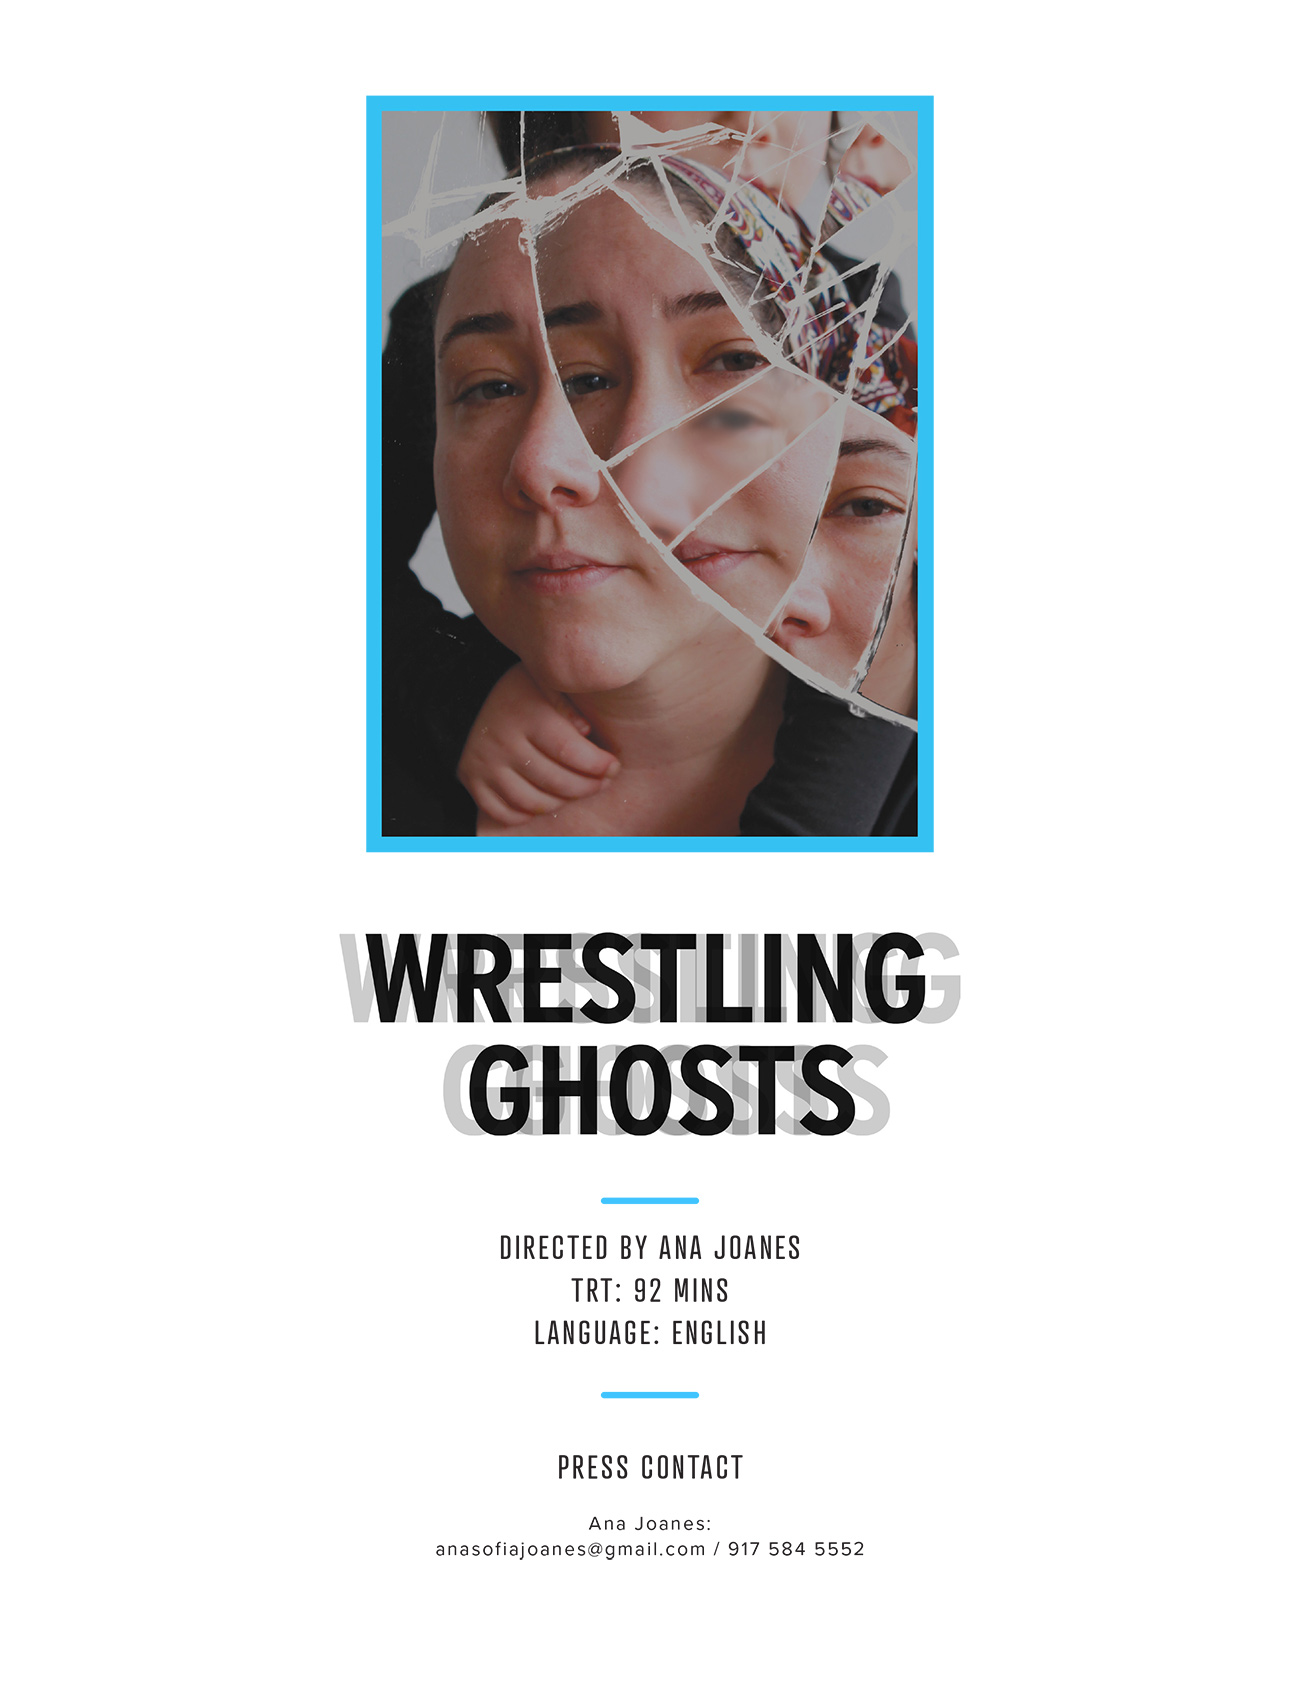 Wrestling-Ghosts-MediaKit-v7-1.jpg